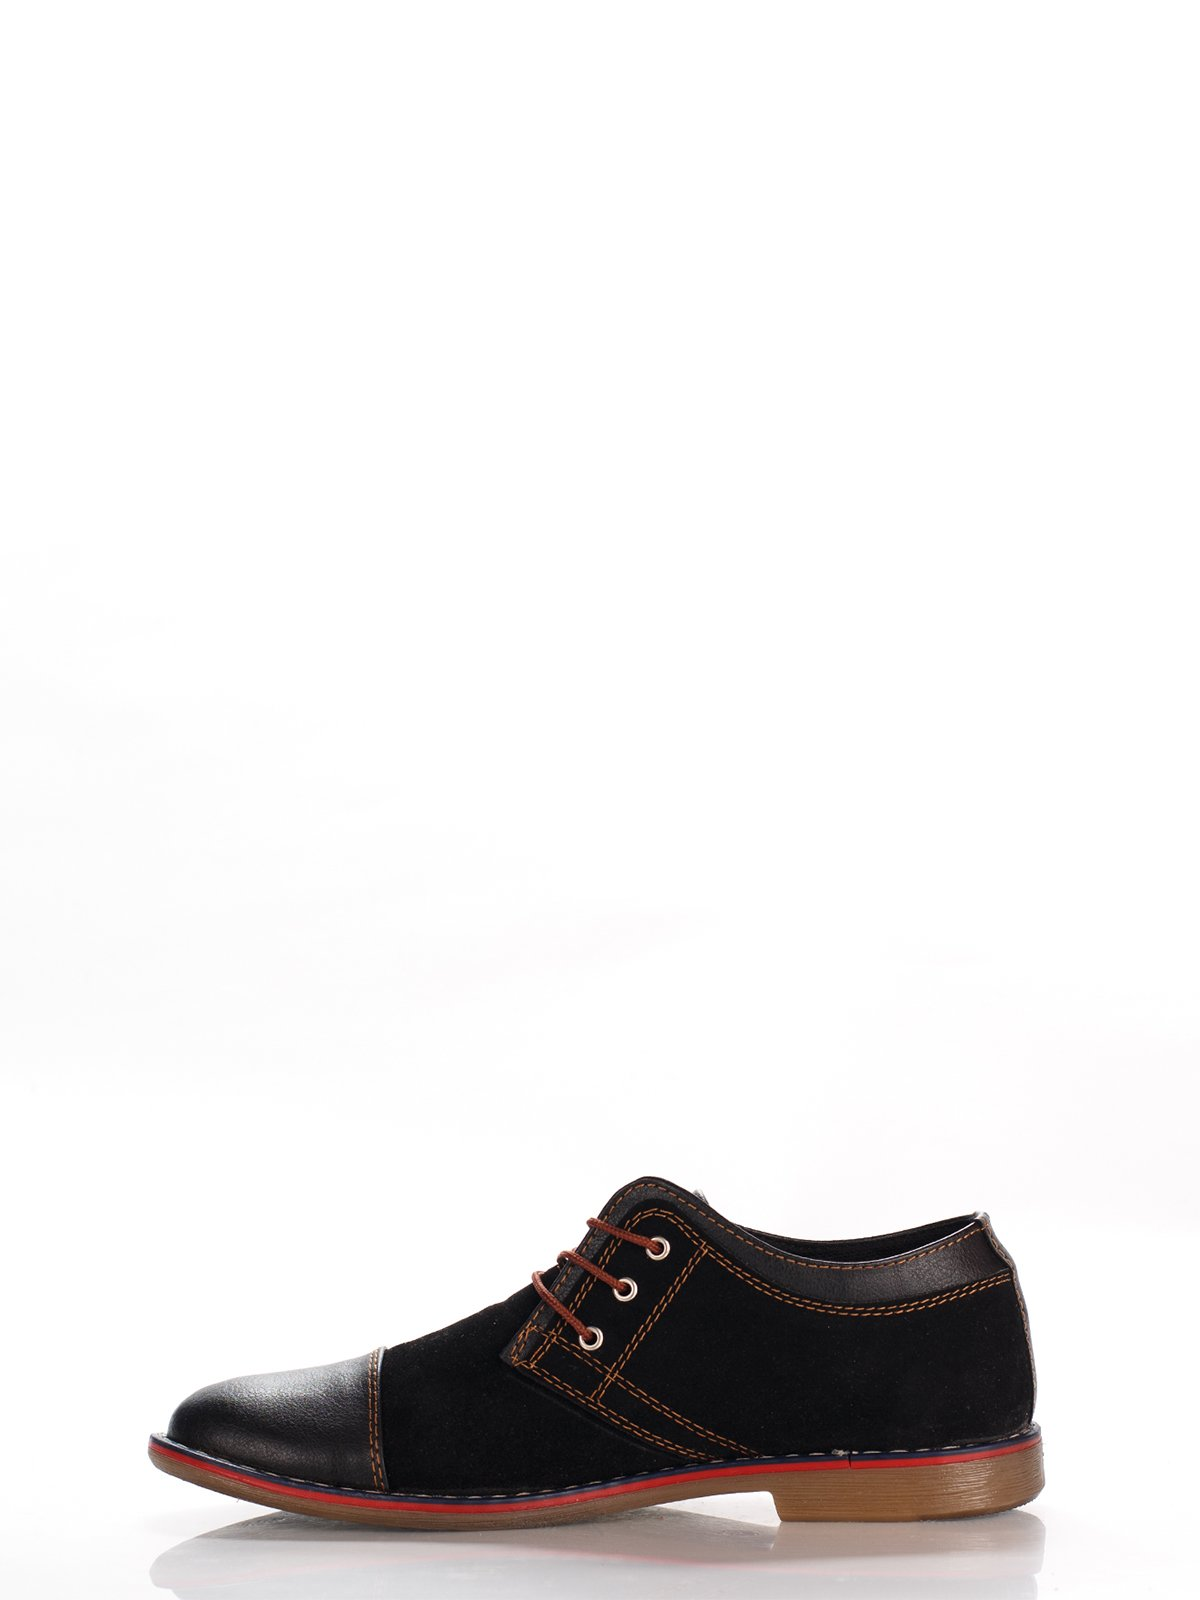 Туфли темно-коричневые   3483404   фото 3